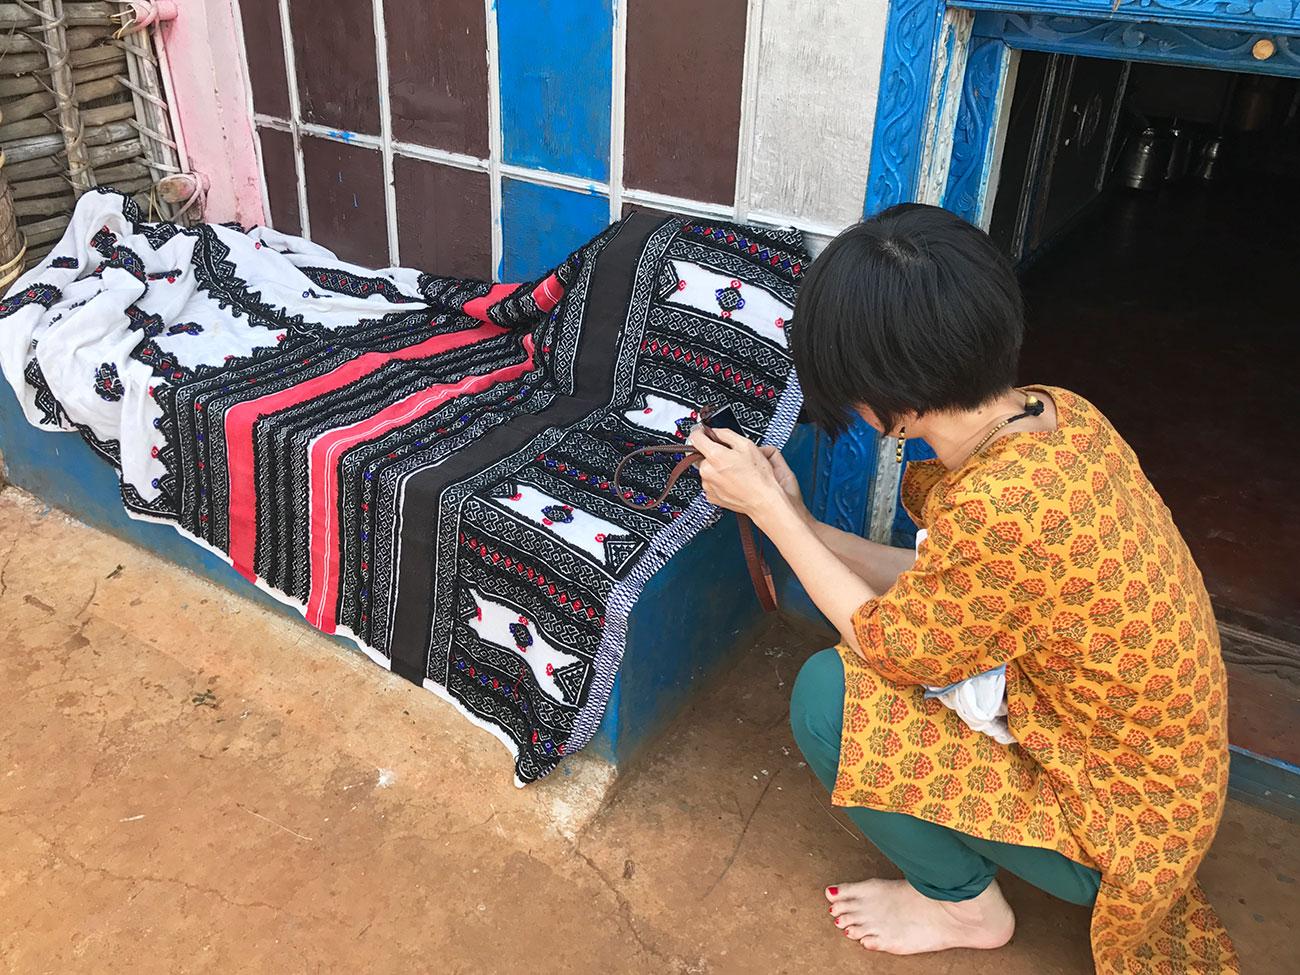 伝統衣装をまじまじと眺めるAROUND INDIA田村ゆみ